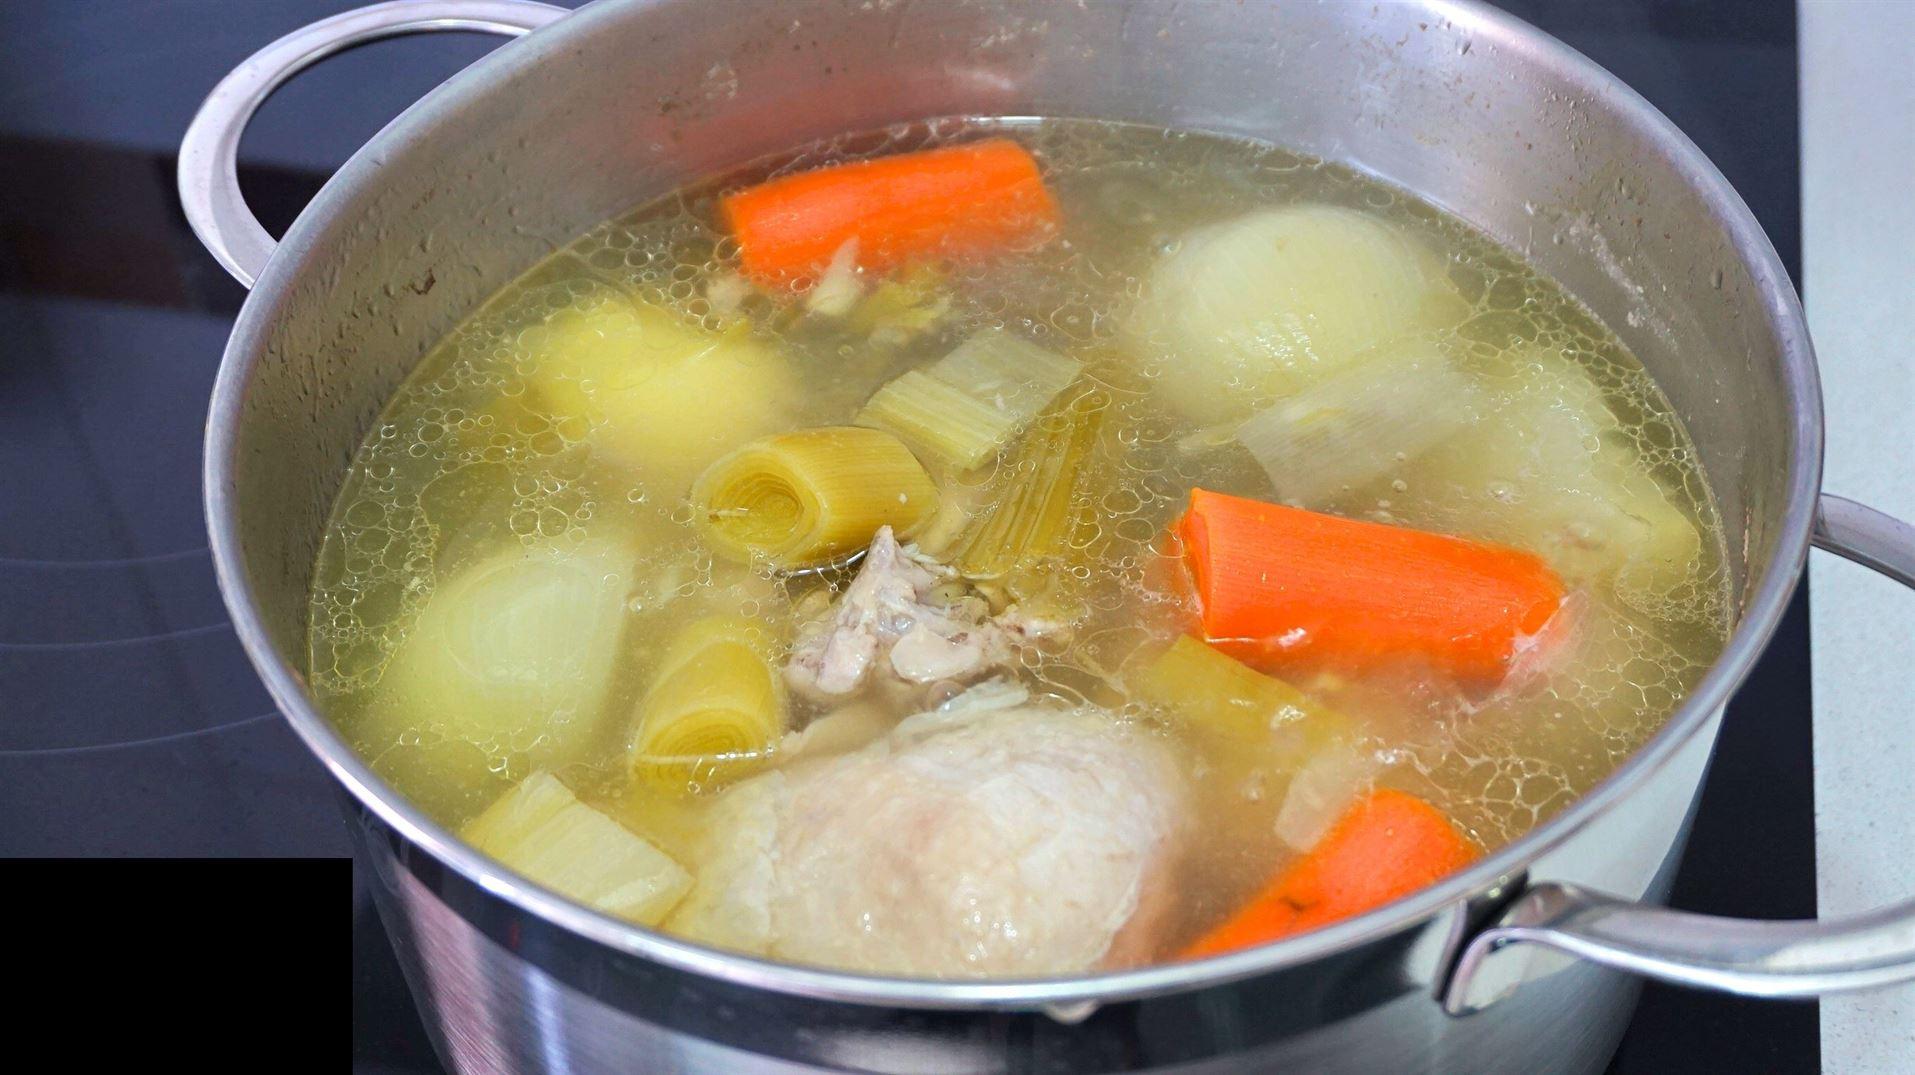 Caldo de pollo. Cómo preparar, desgrasar y conservar el caldo.